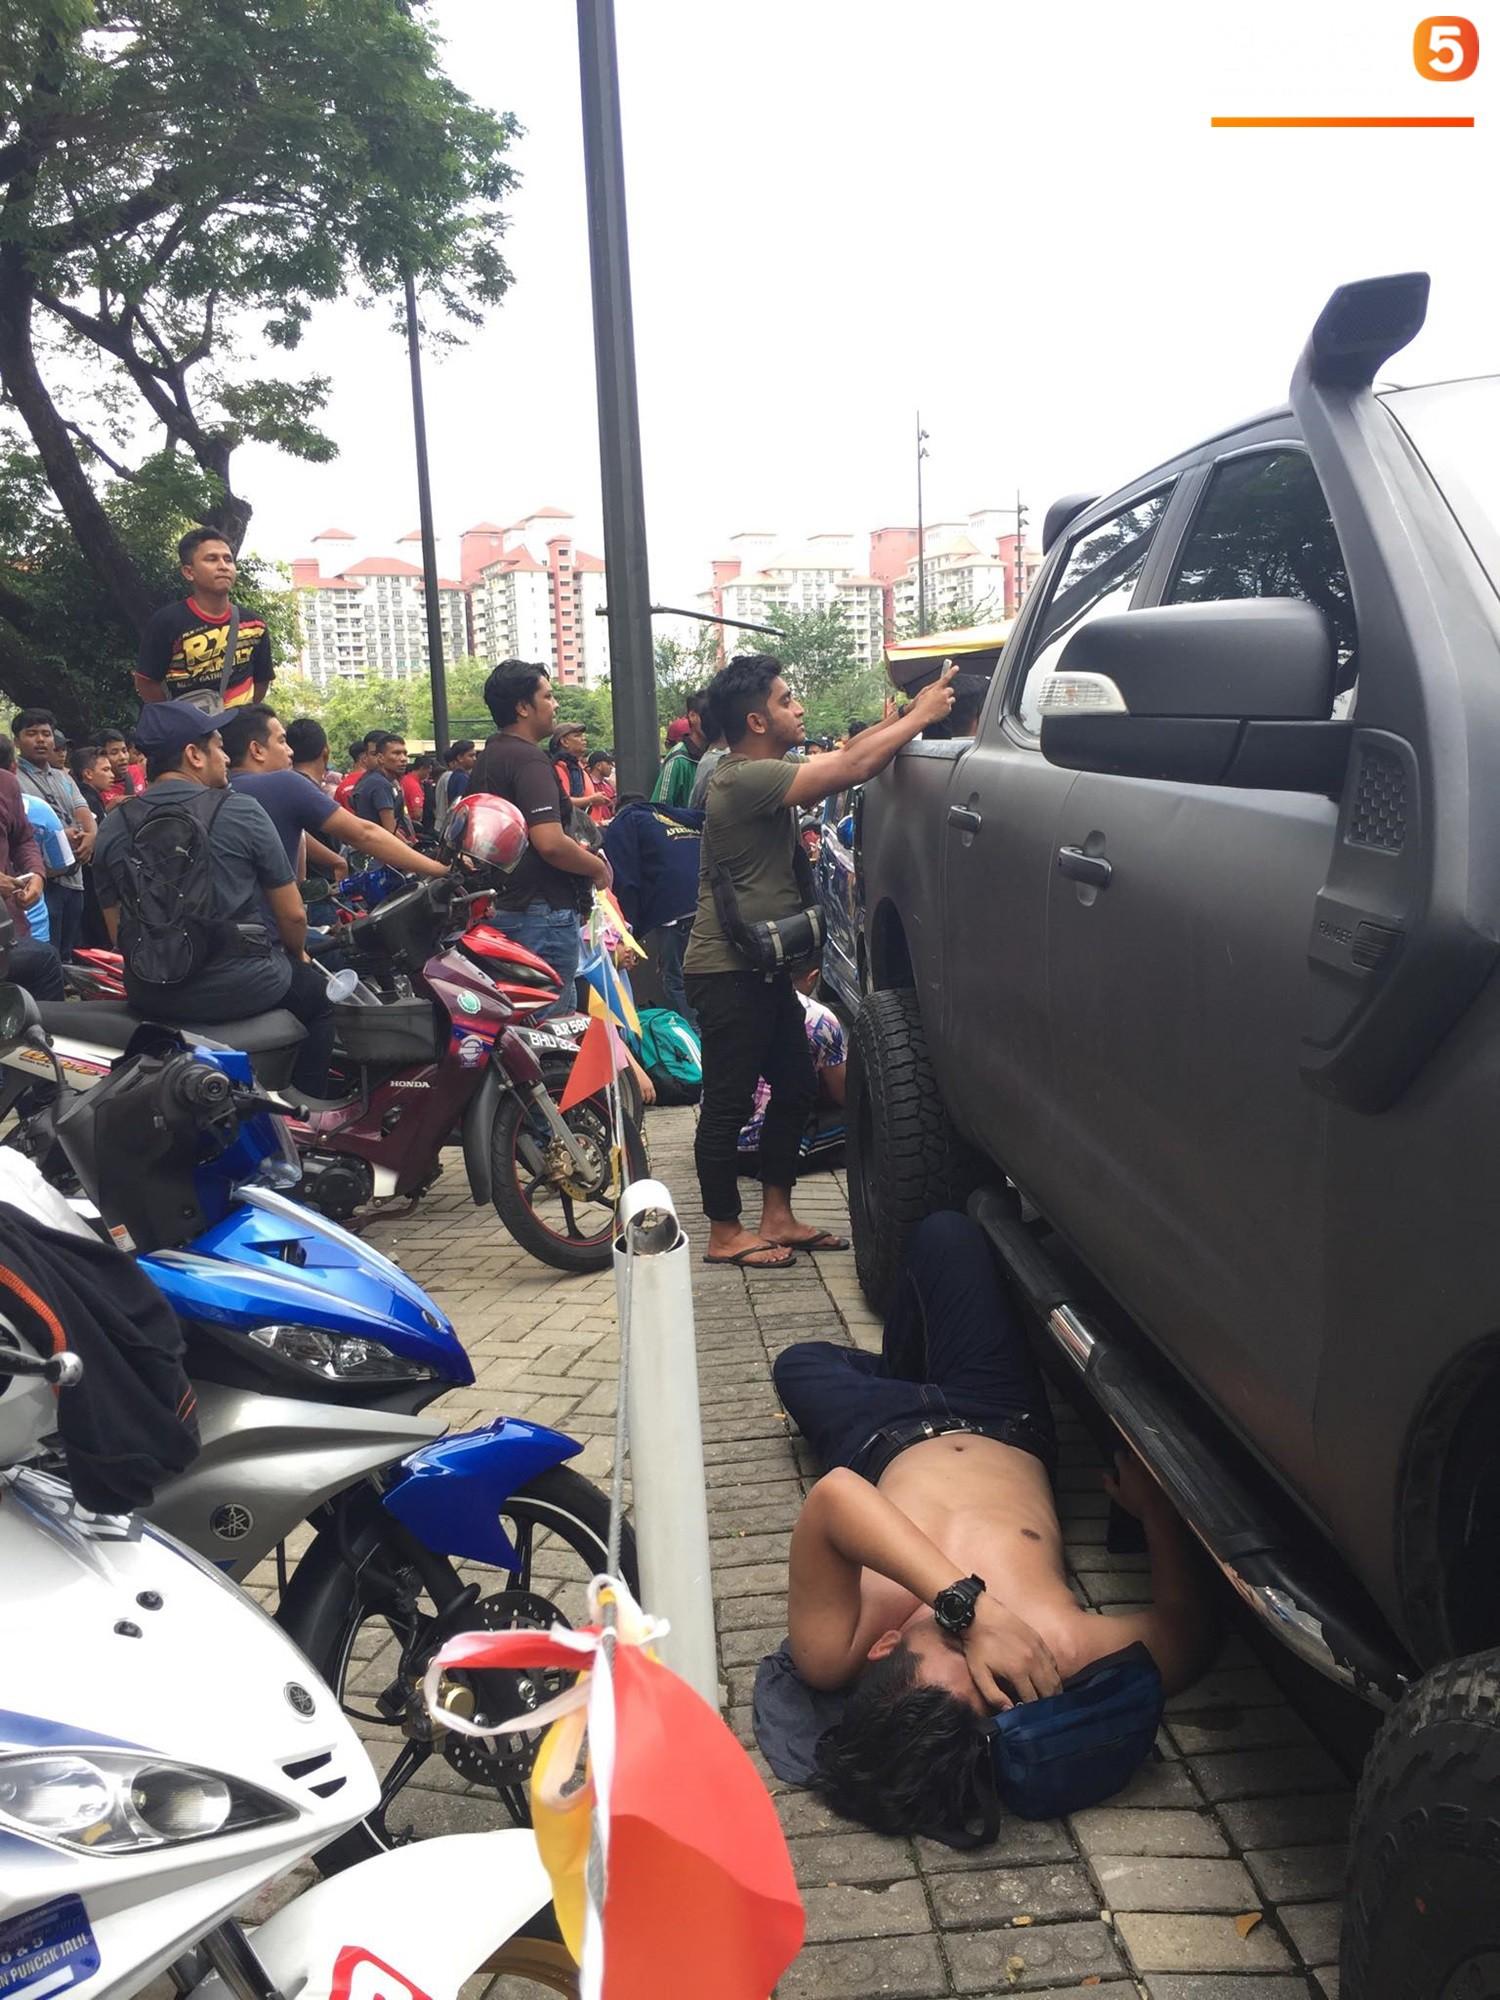 Kinh hoàng cảnh mua vé xem chung kết AFF Cup tại Malaysia: Nhiều người kiệt sức, nằm la liệt bên đường 4